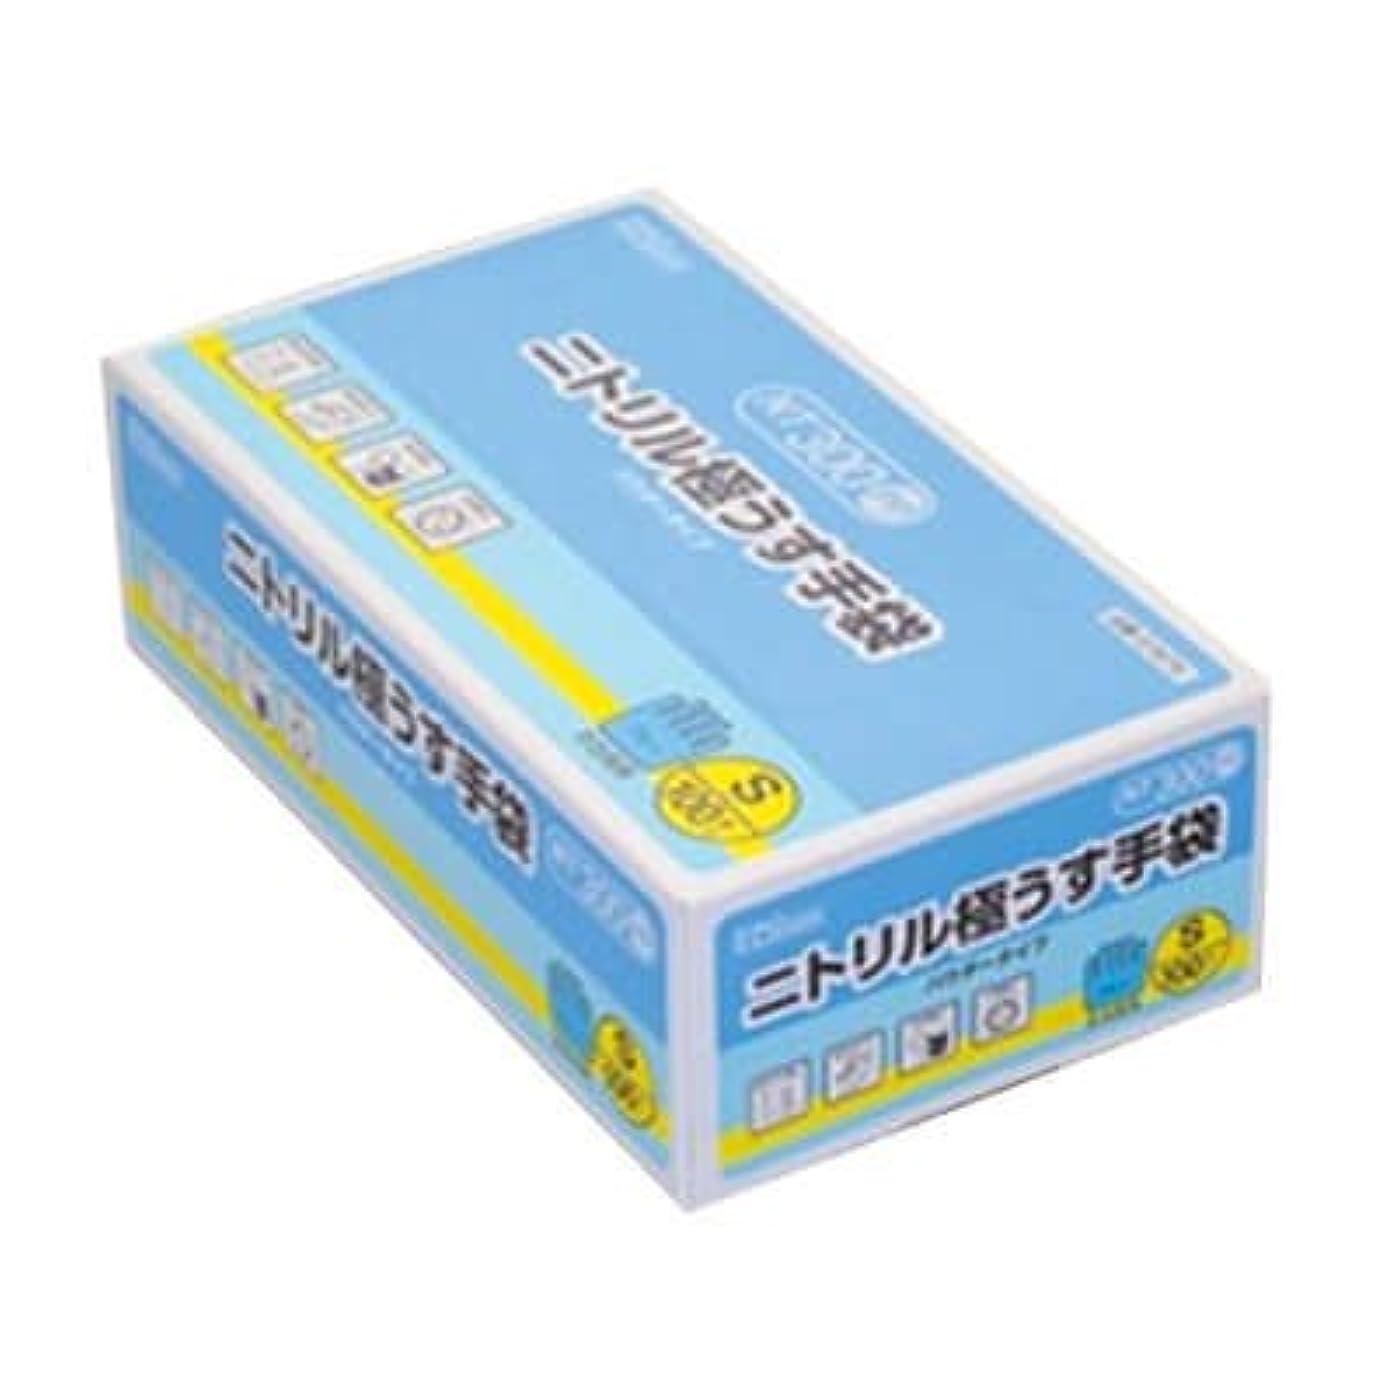 運賃プロテスタント錫【ケース販売】 ダンロップ ニトリル極うす手袋 粉付 S ブルー NT-300 (100枚入×20箱)